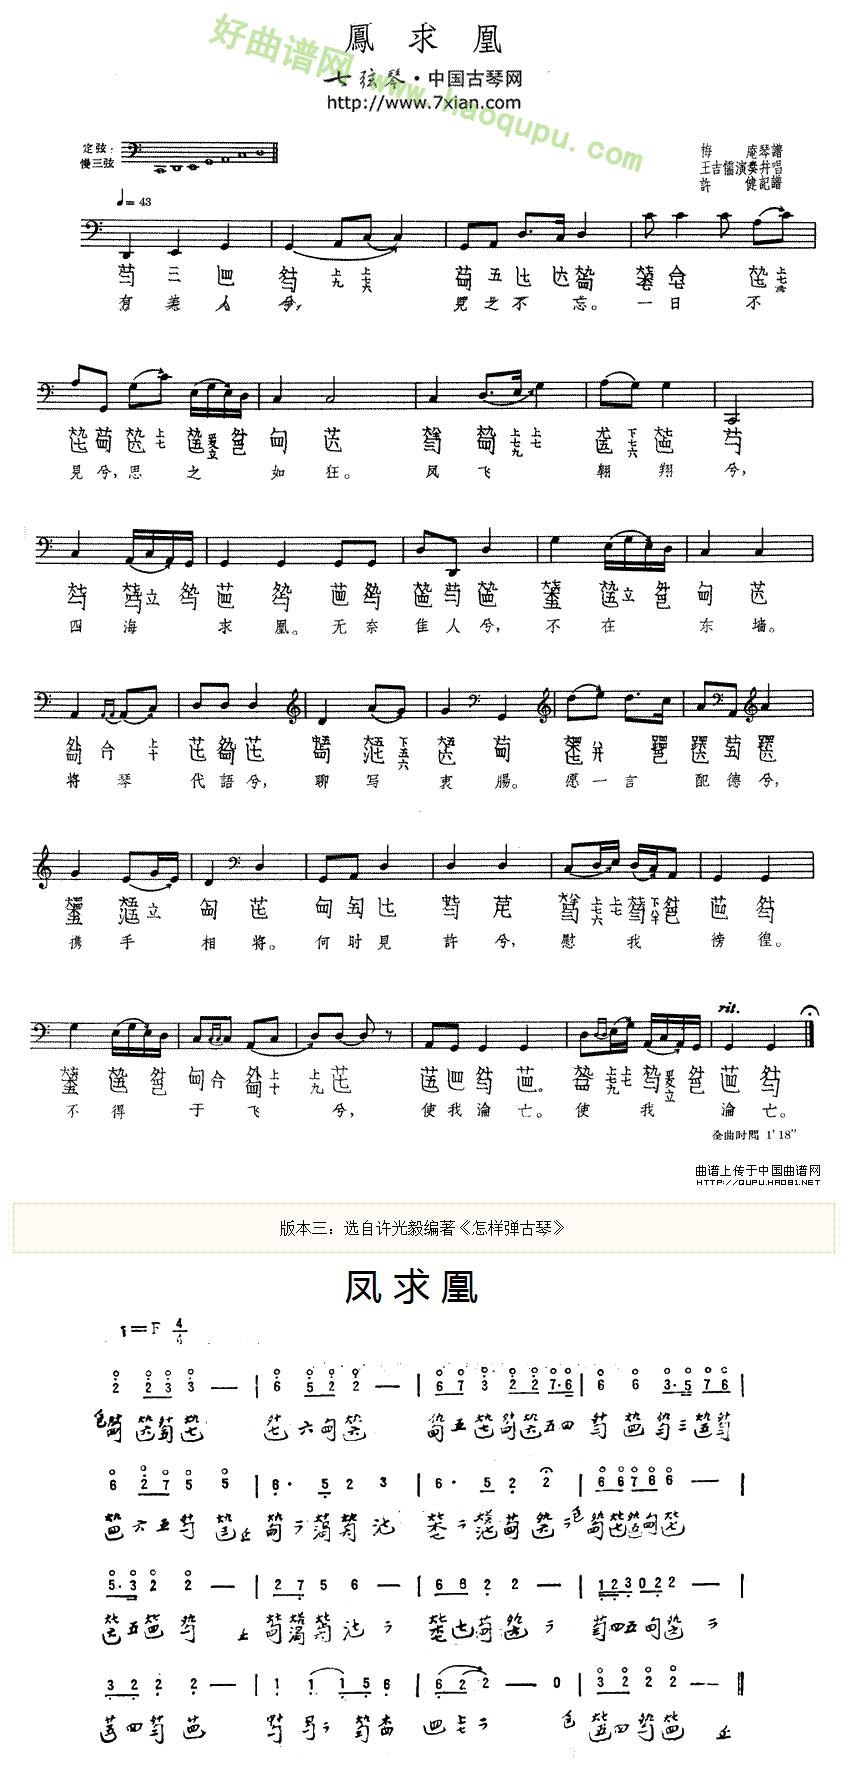 《凤求凰》(古琴谱)古筝曲谱第2张